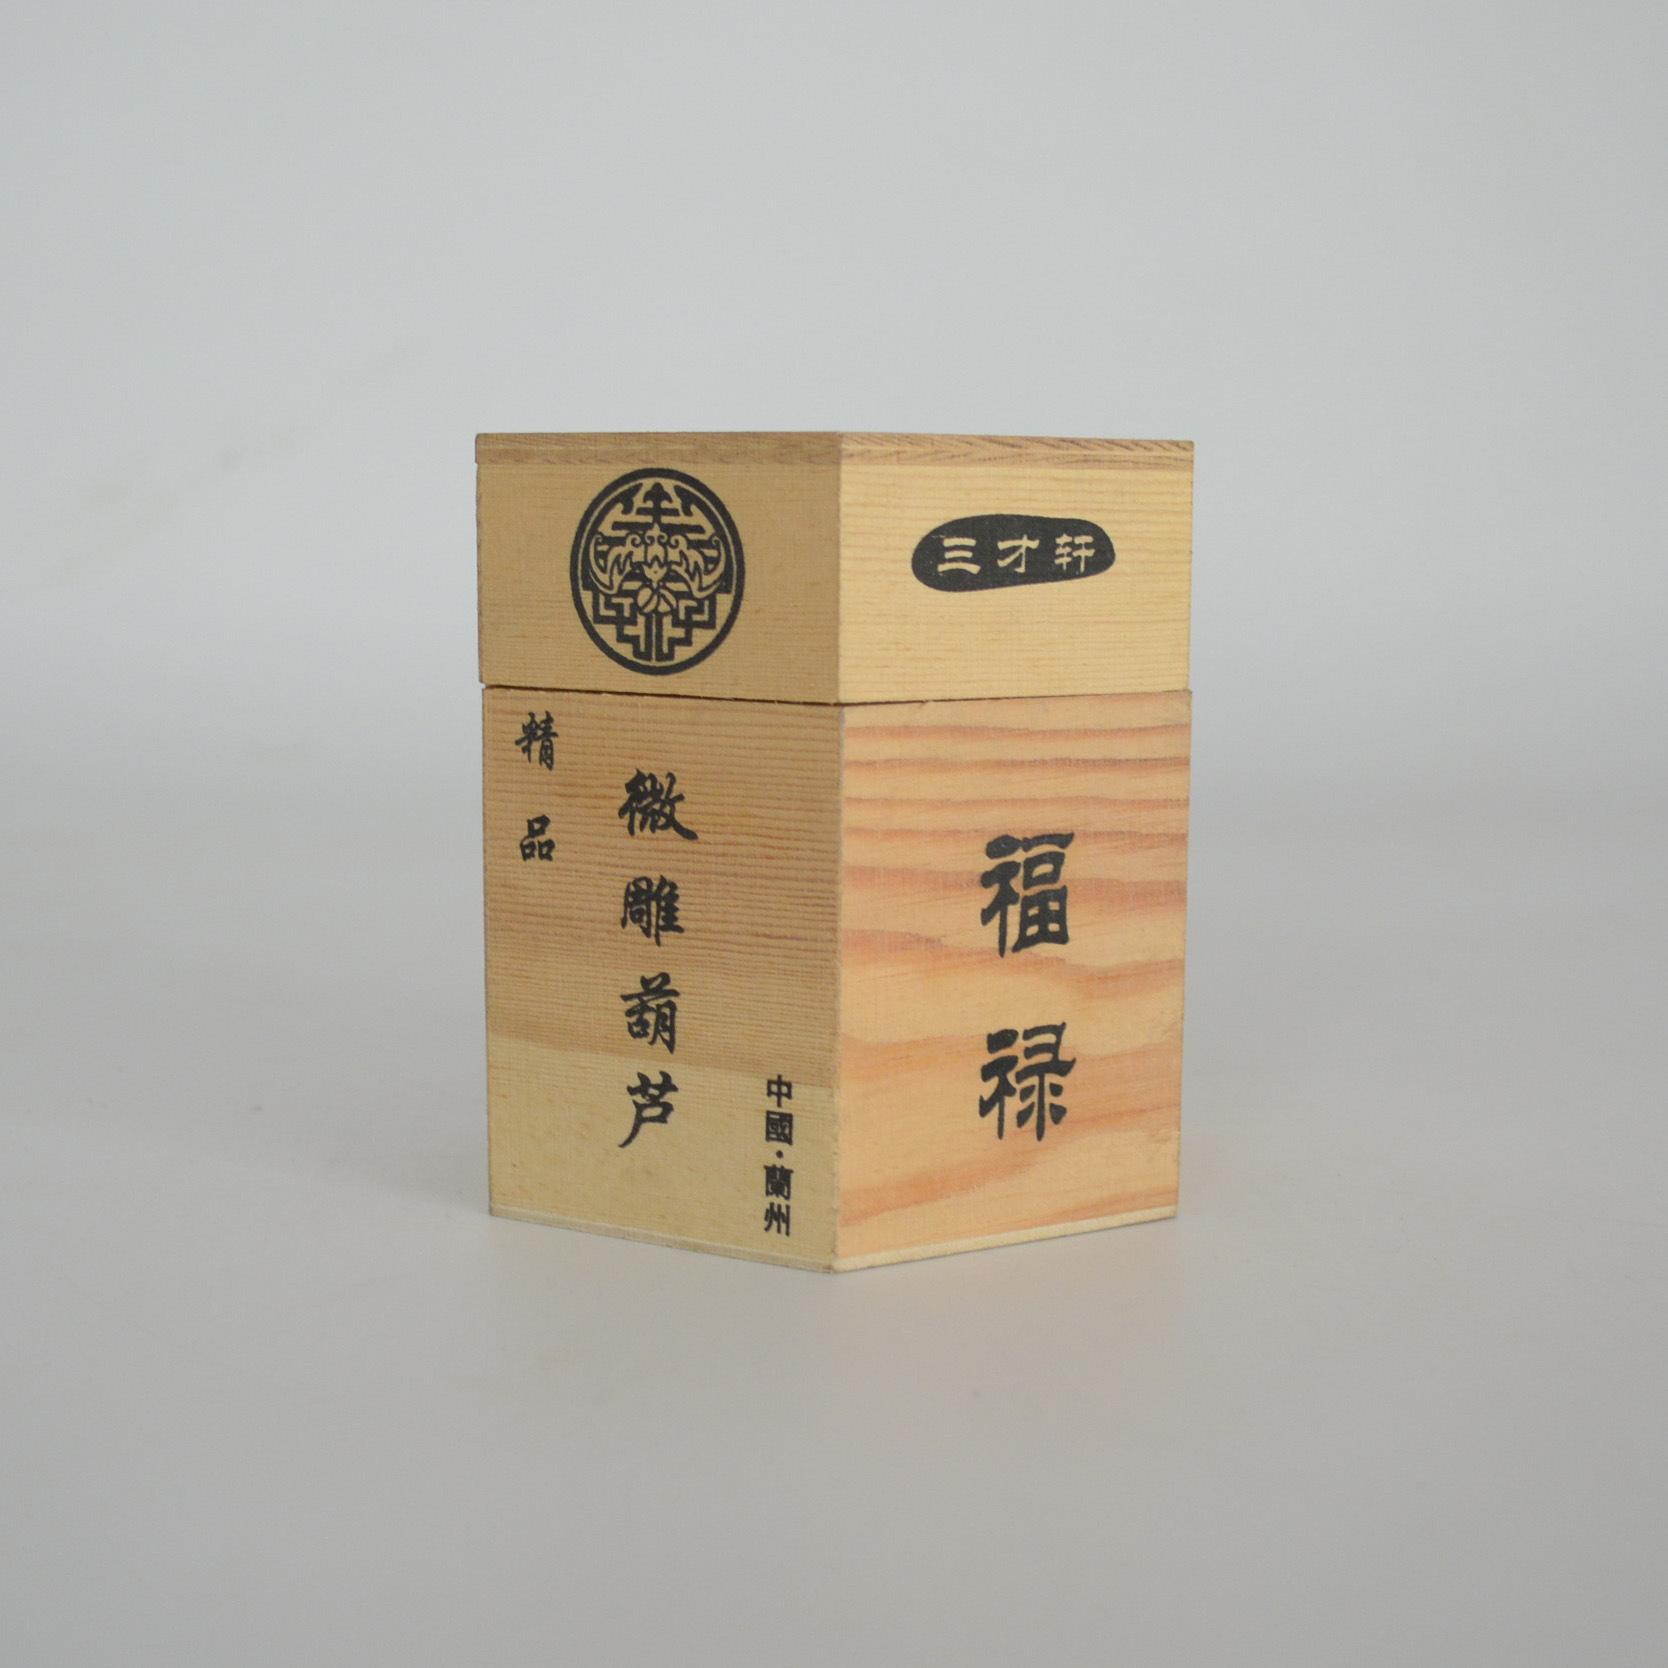 木制茶叶包装盒防潮密封茶叶罐茶叶桶 精美纹路工艺品茶叶罐